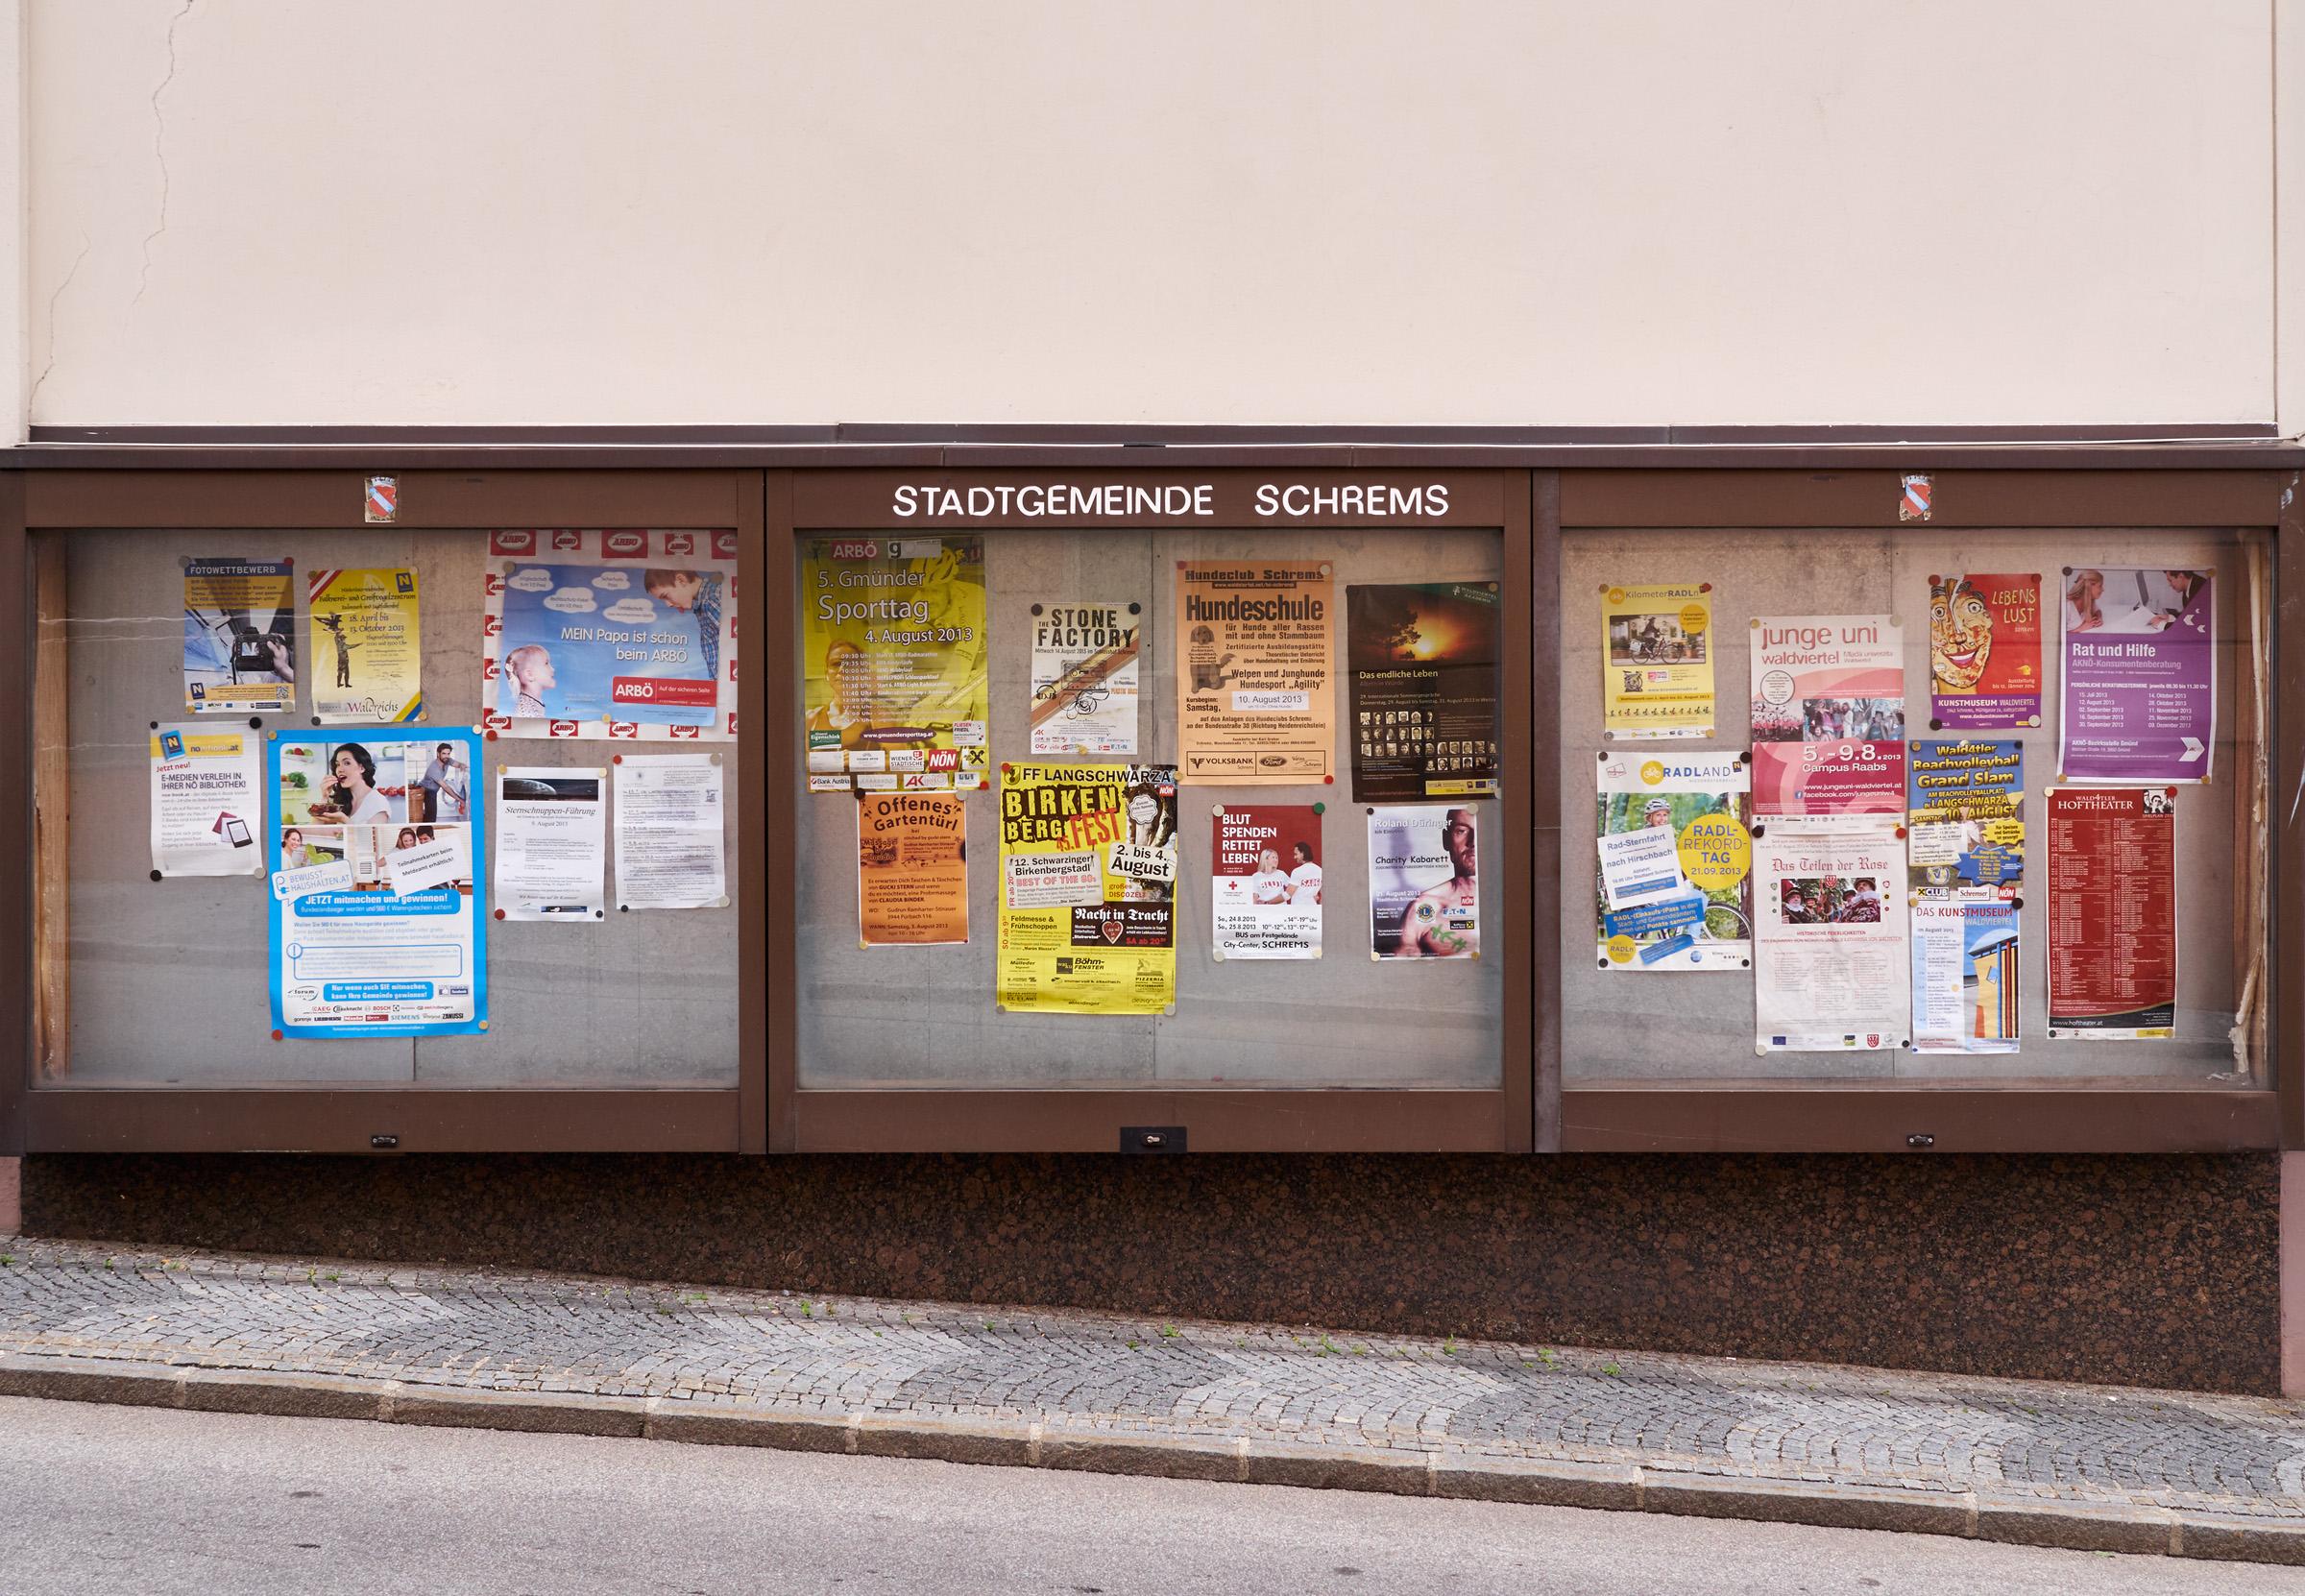 Schrems Josef-Widy-Straße nah 2013-08-20.jpg